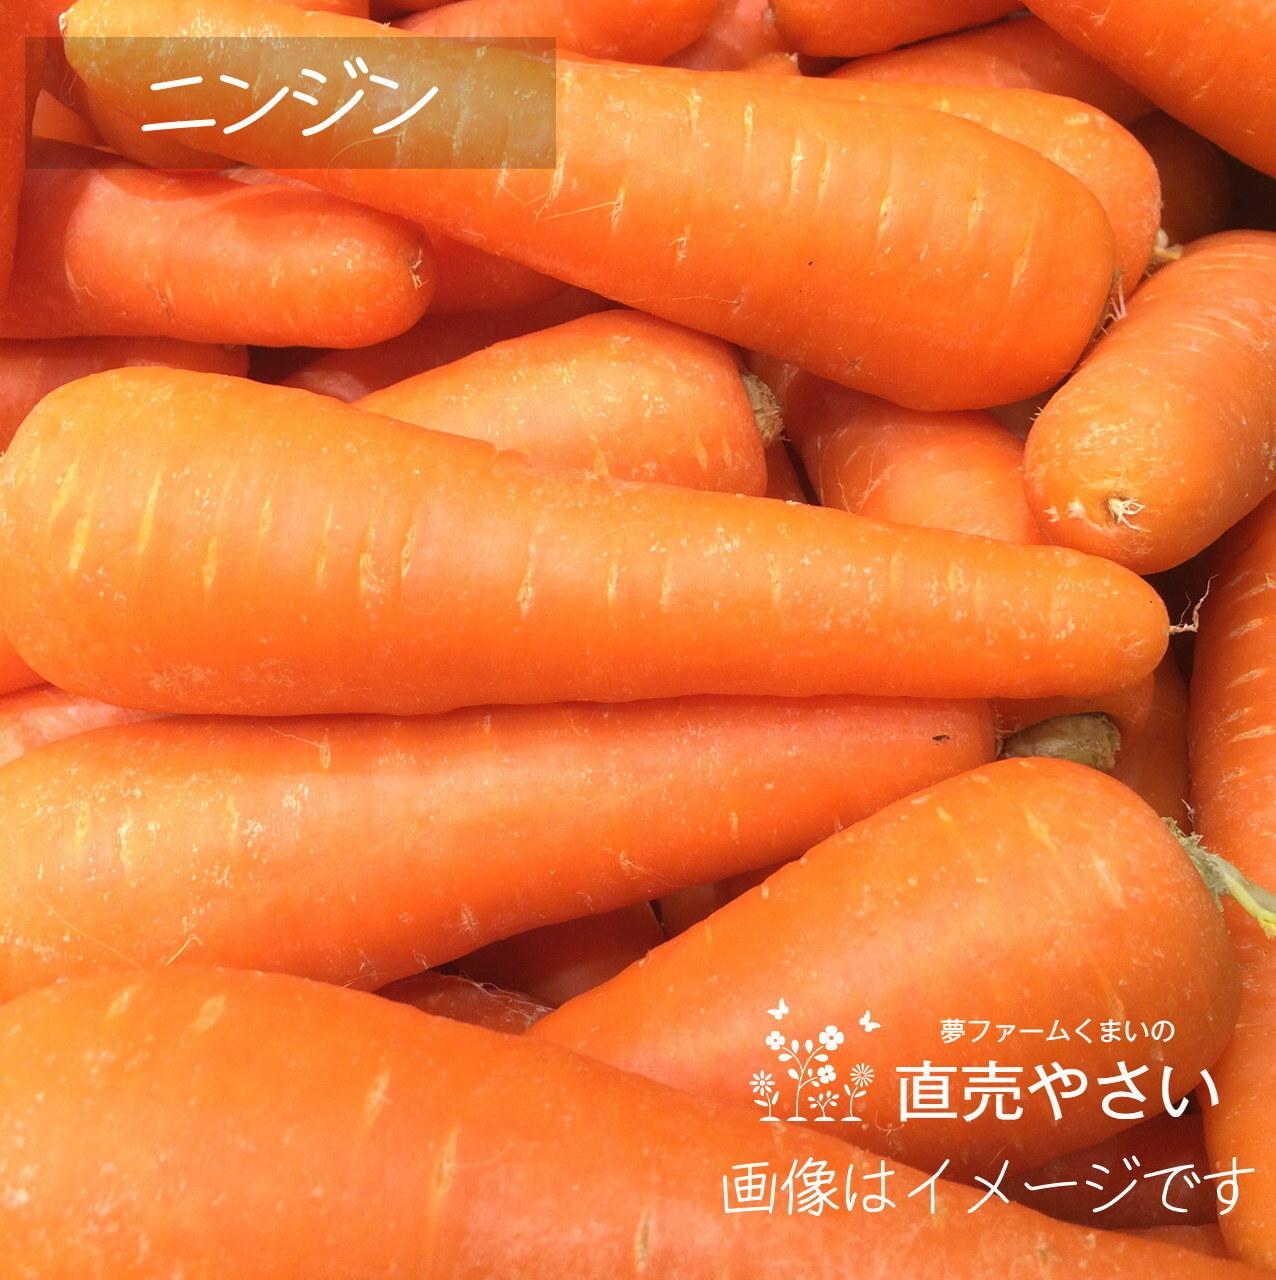 10月の朝採り直売野菜 : ニンジン 約300g 新鮮な秋野菜 10月31日発送予定